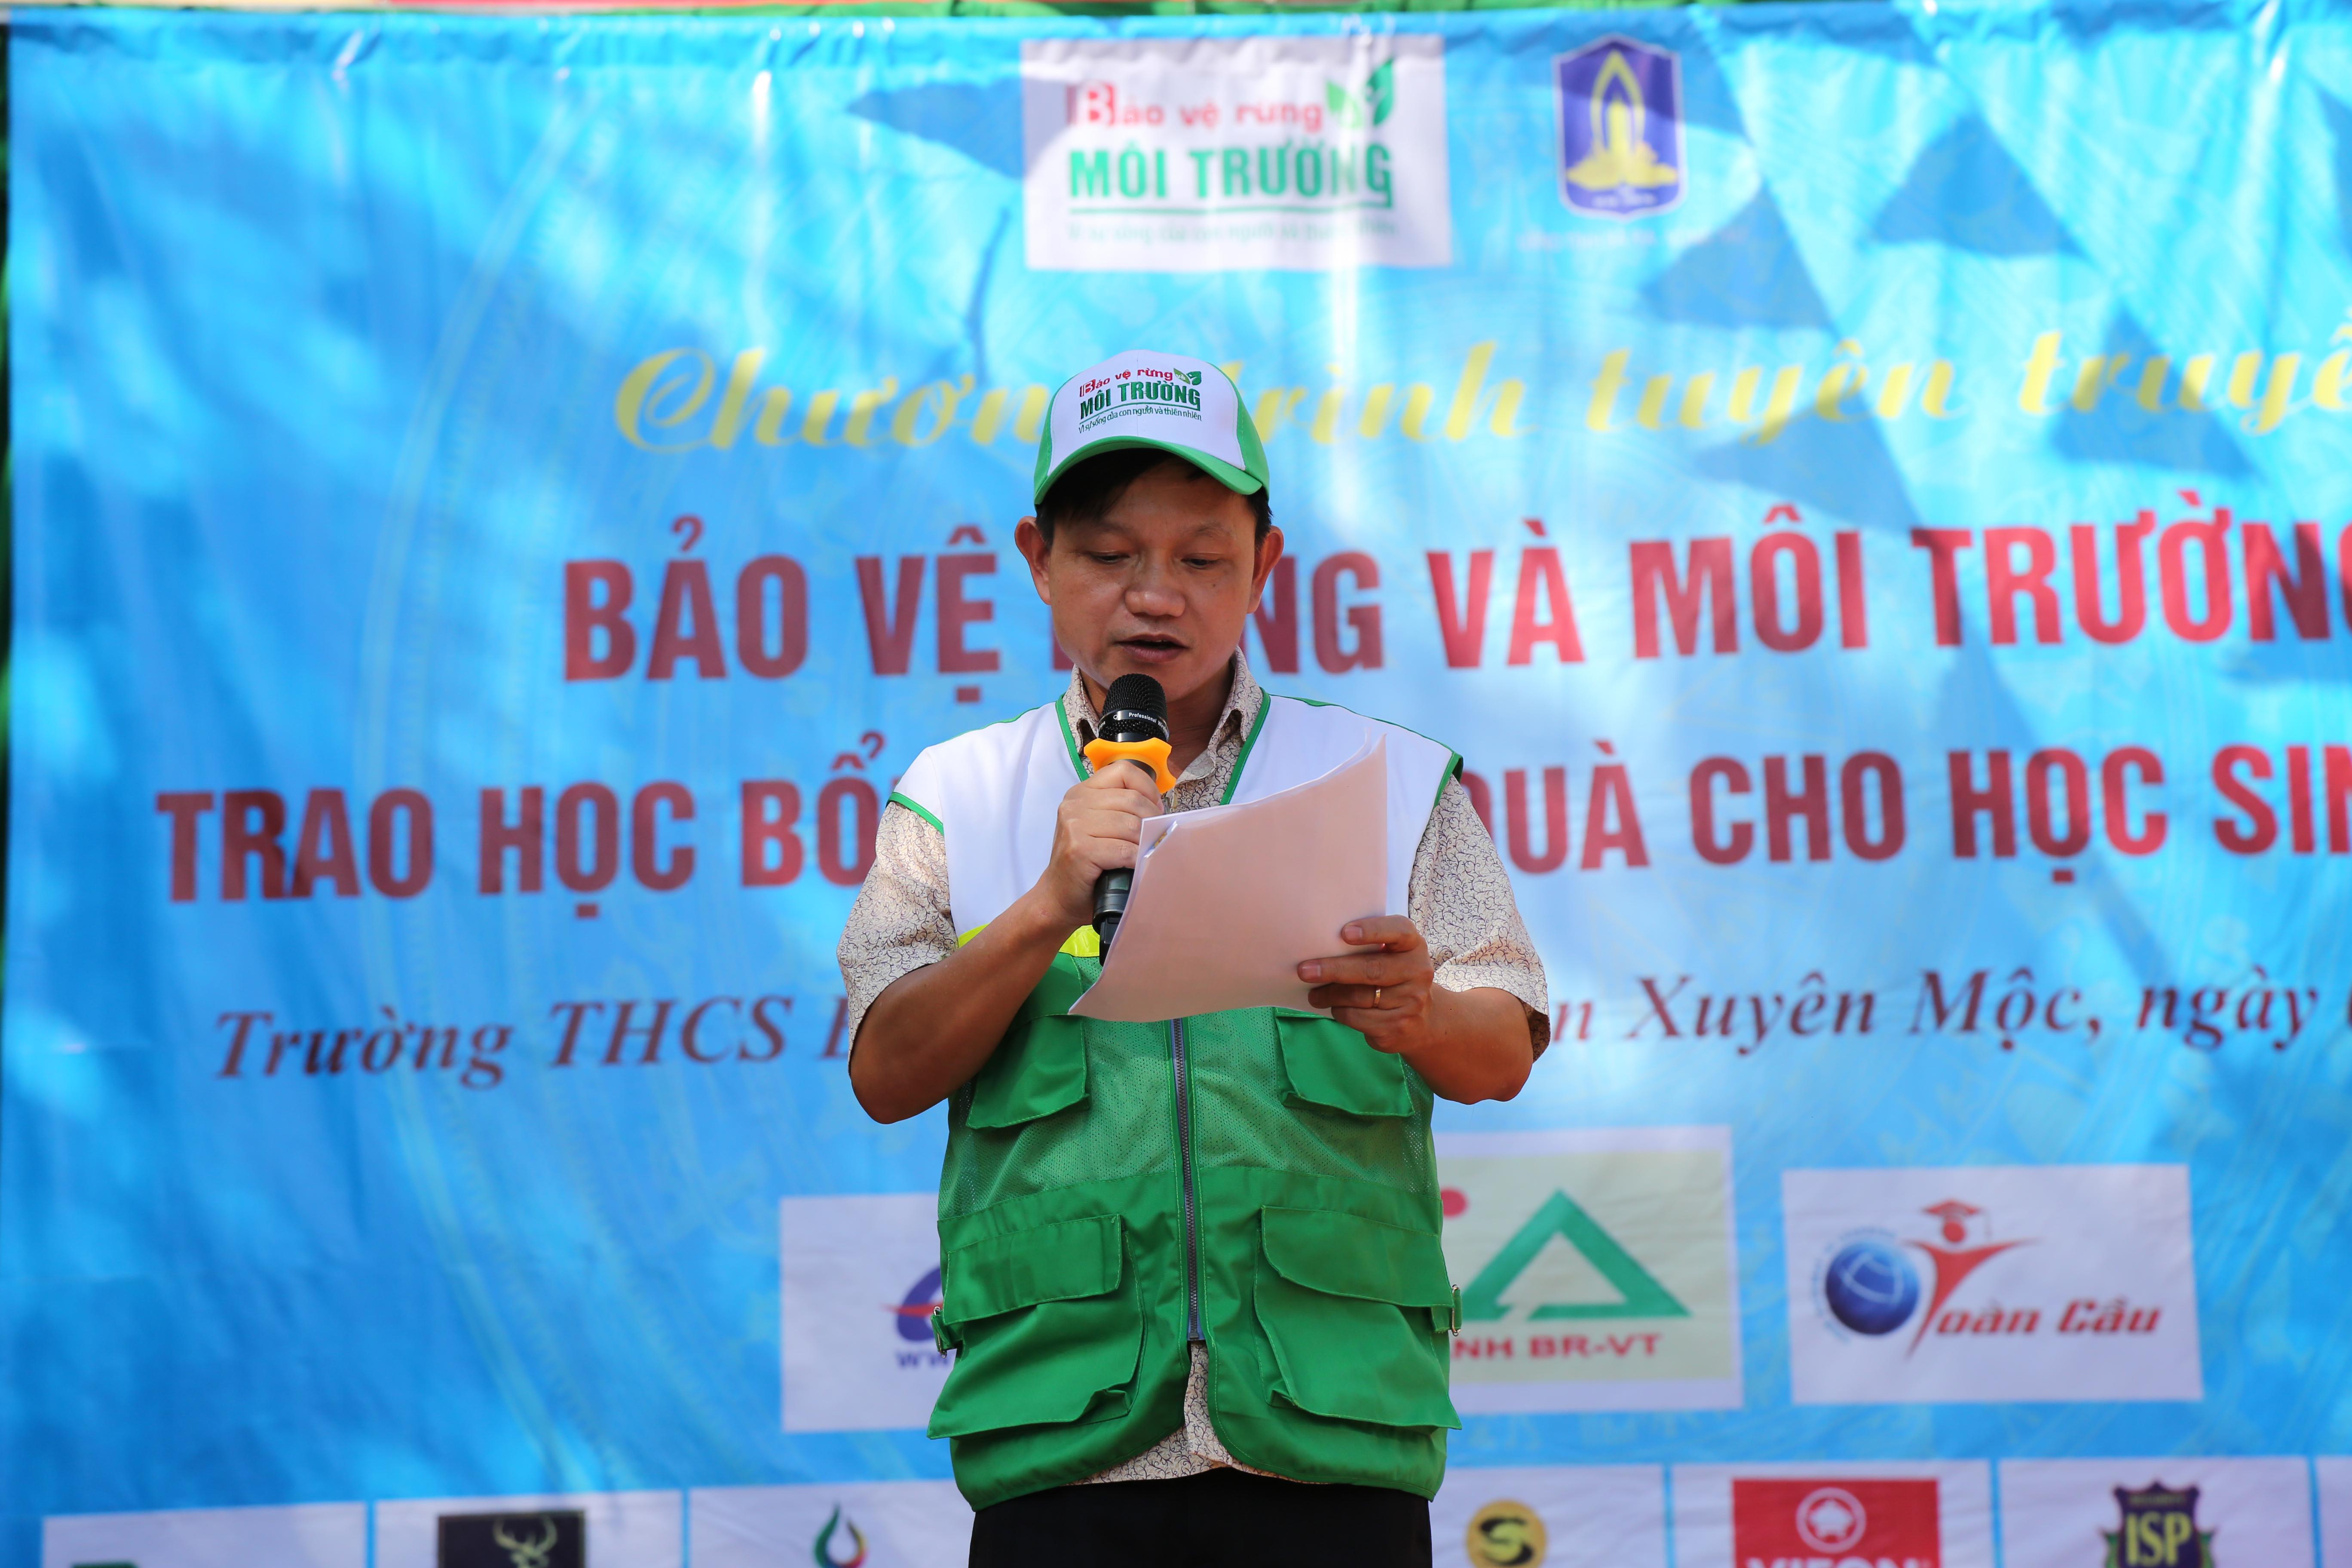 Ông Nguyễn Anh Tuấn, Trưởng VP TT Phía Nam Tạp chí điện tử Bảo vệ Rừng và Môi trường phát biểu tại chương trình.